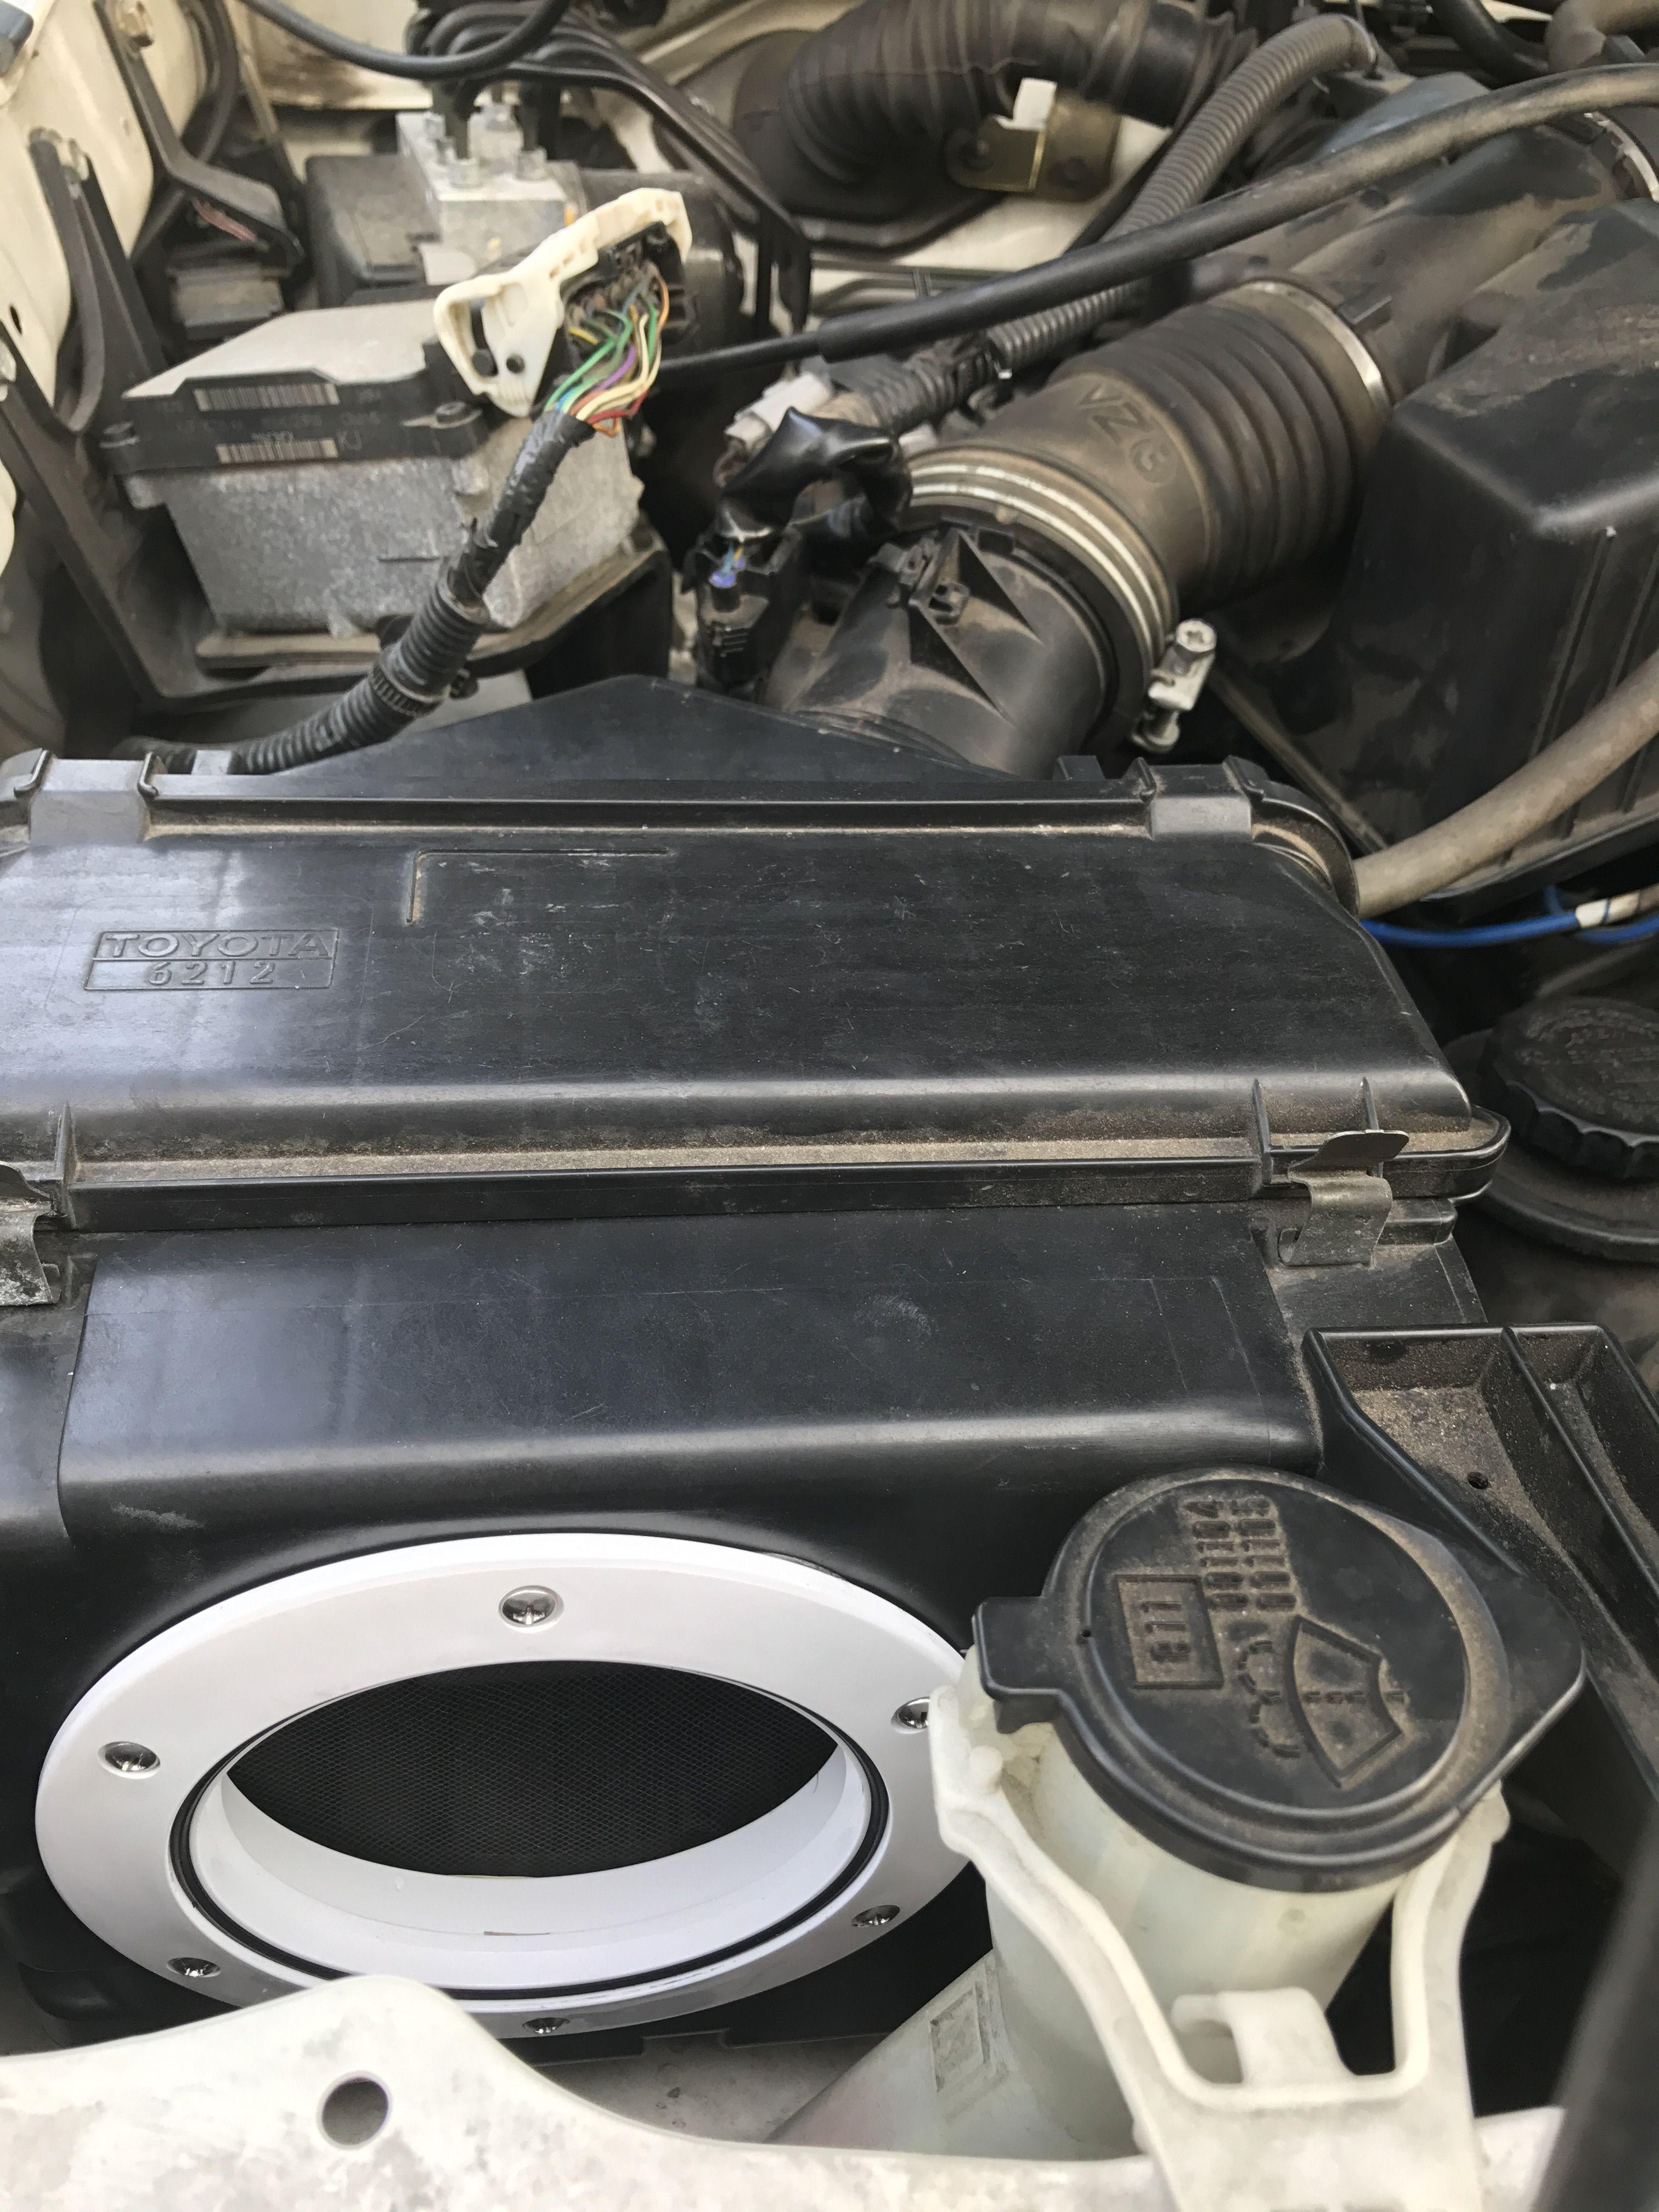 3rd Gen 4Runner Deck Plate Mod. Around 3k rpms makes motor sound like an Infiniti G30.